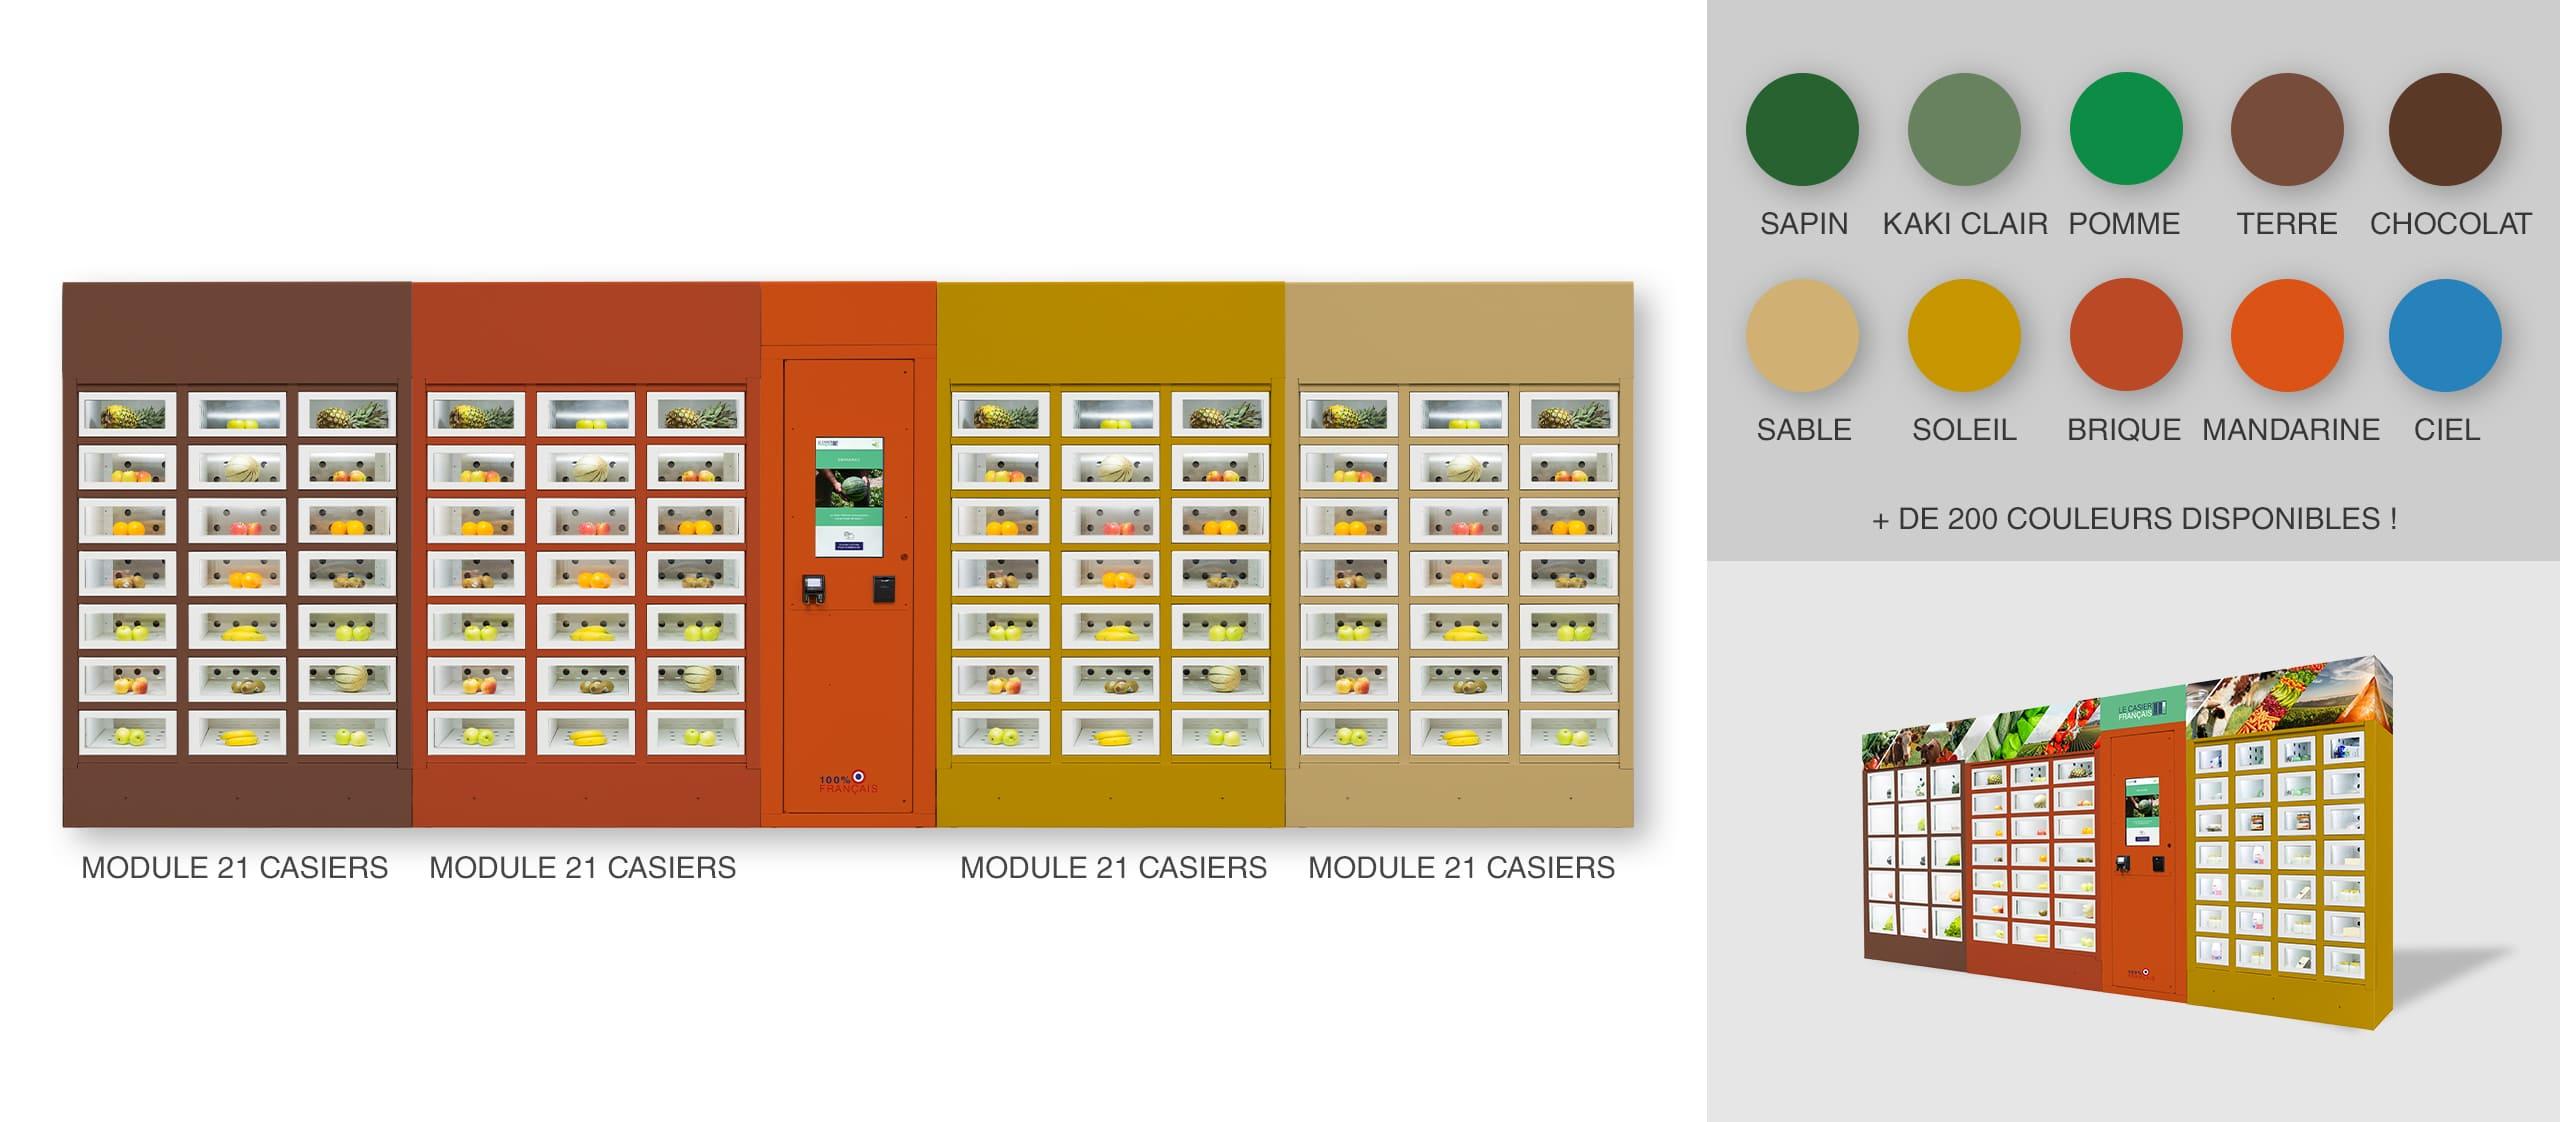 Dressing different colors by module of a Le Casier Français vending machine